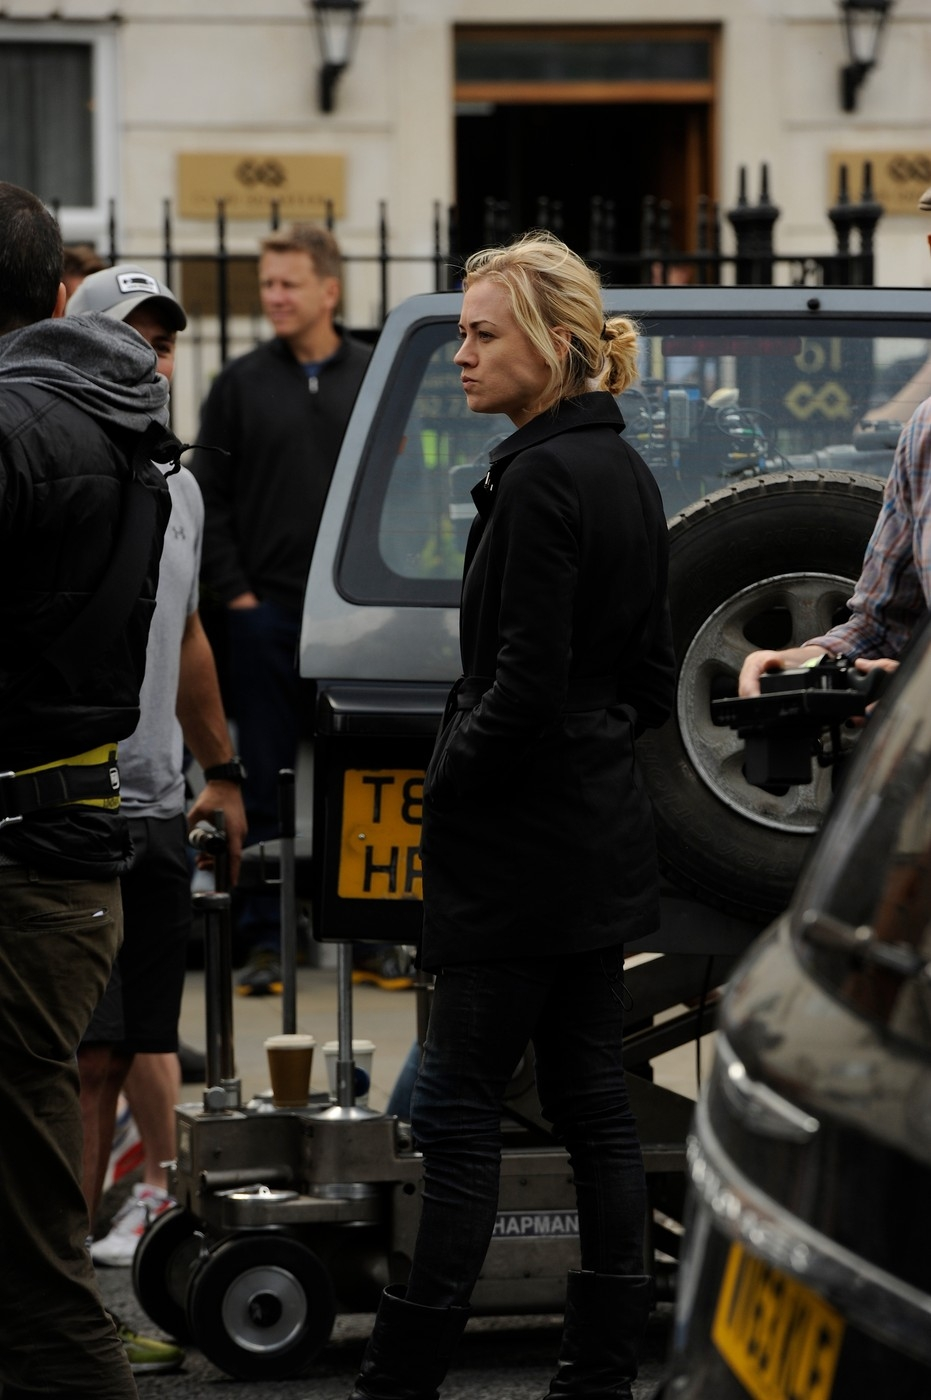 Jack Bauer és a többiek - interjú a visszatérő 24 sorozat szereplőjével